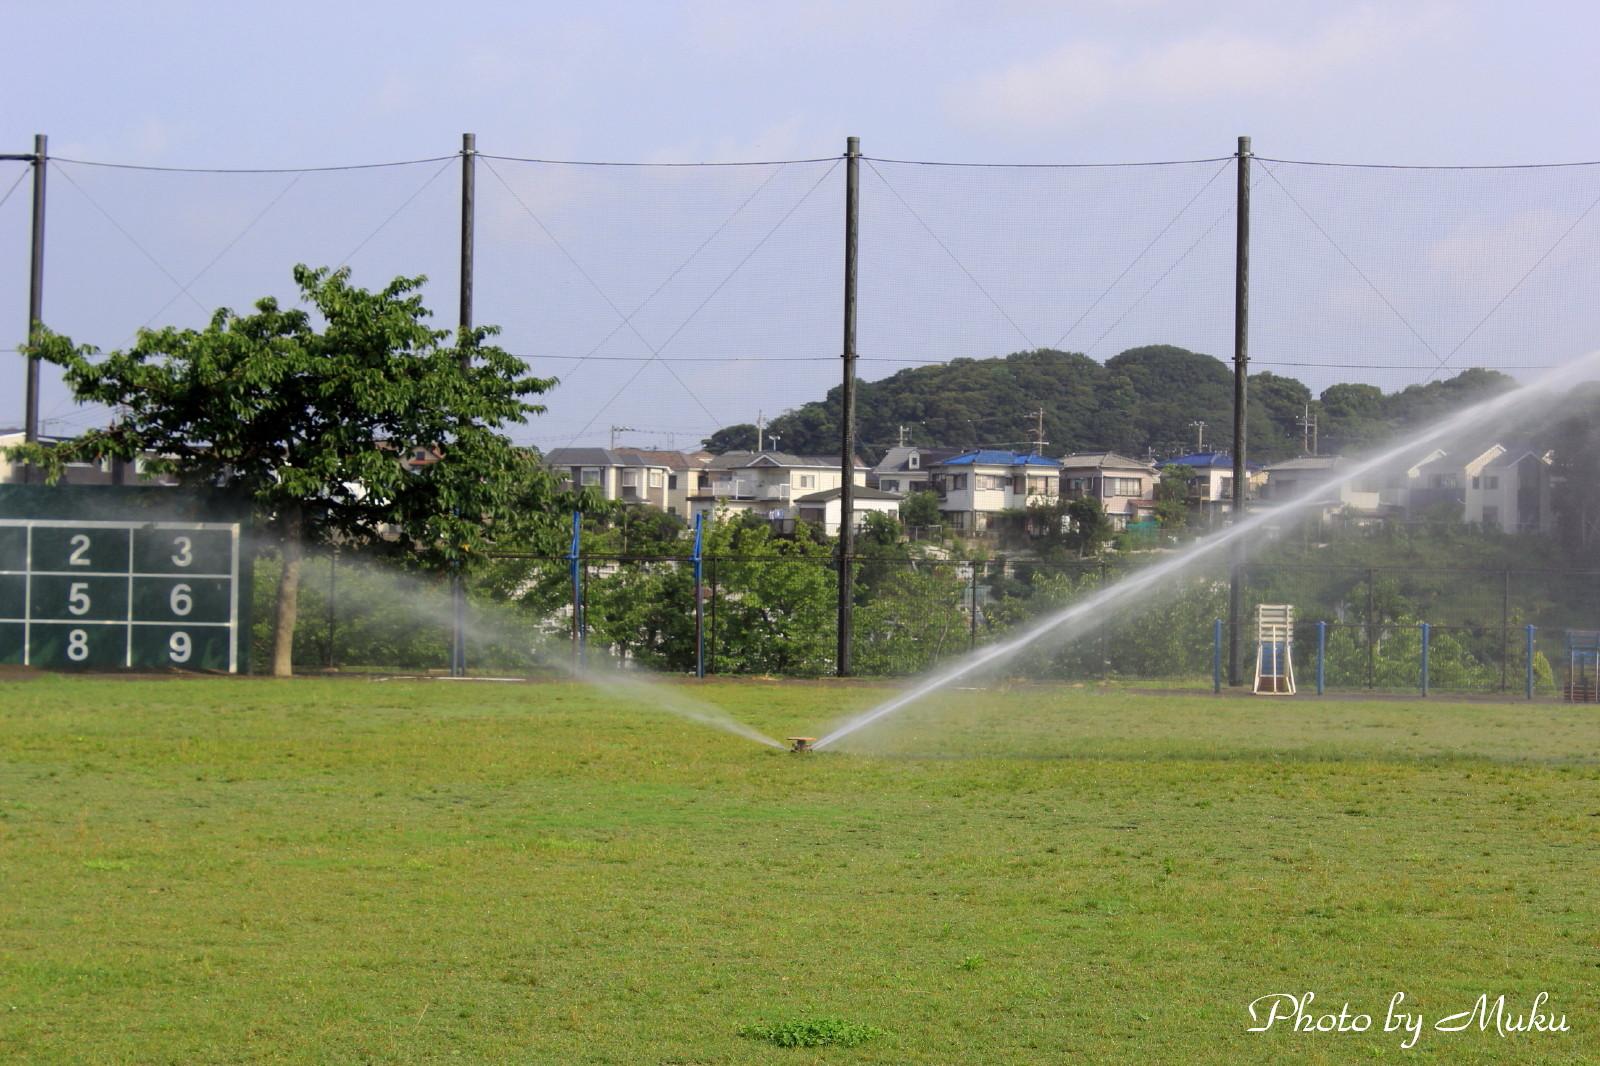 20132014/07/22 校庭(散歩道:神奈川県横須賀市)